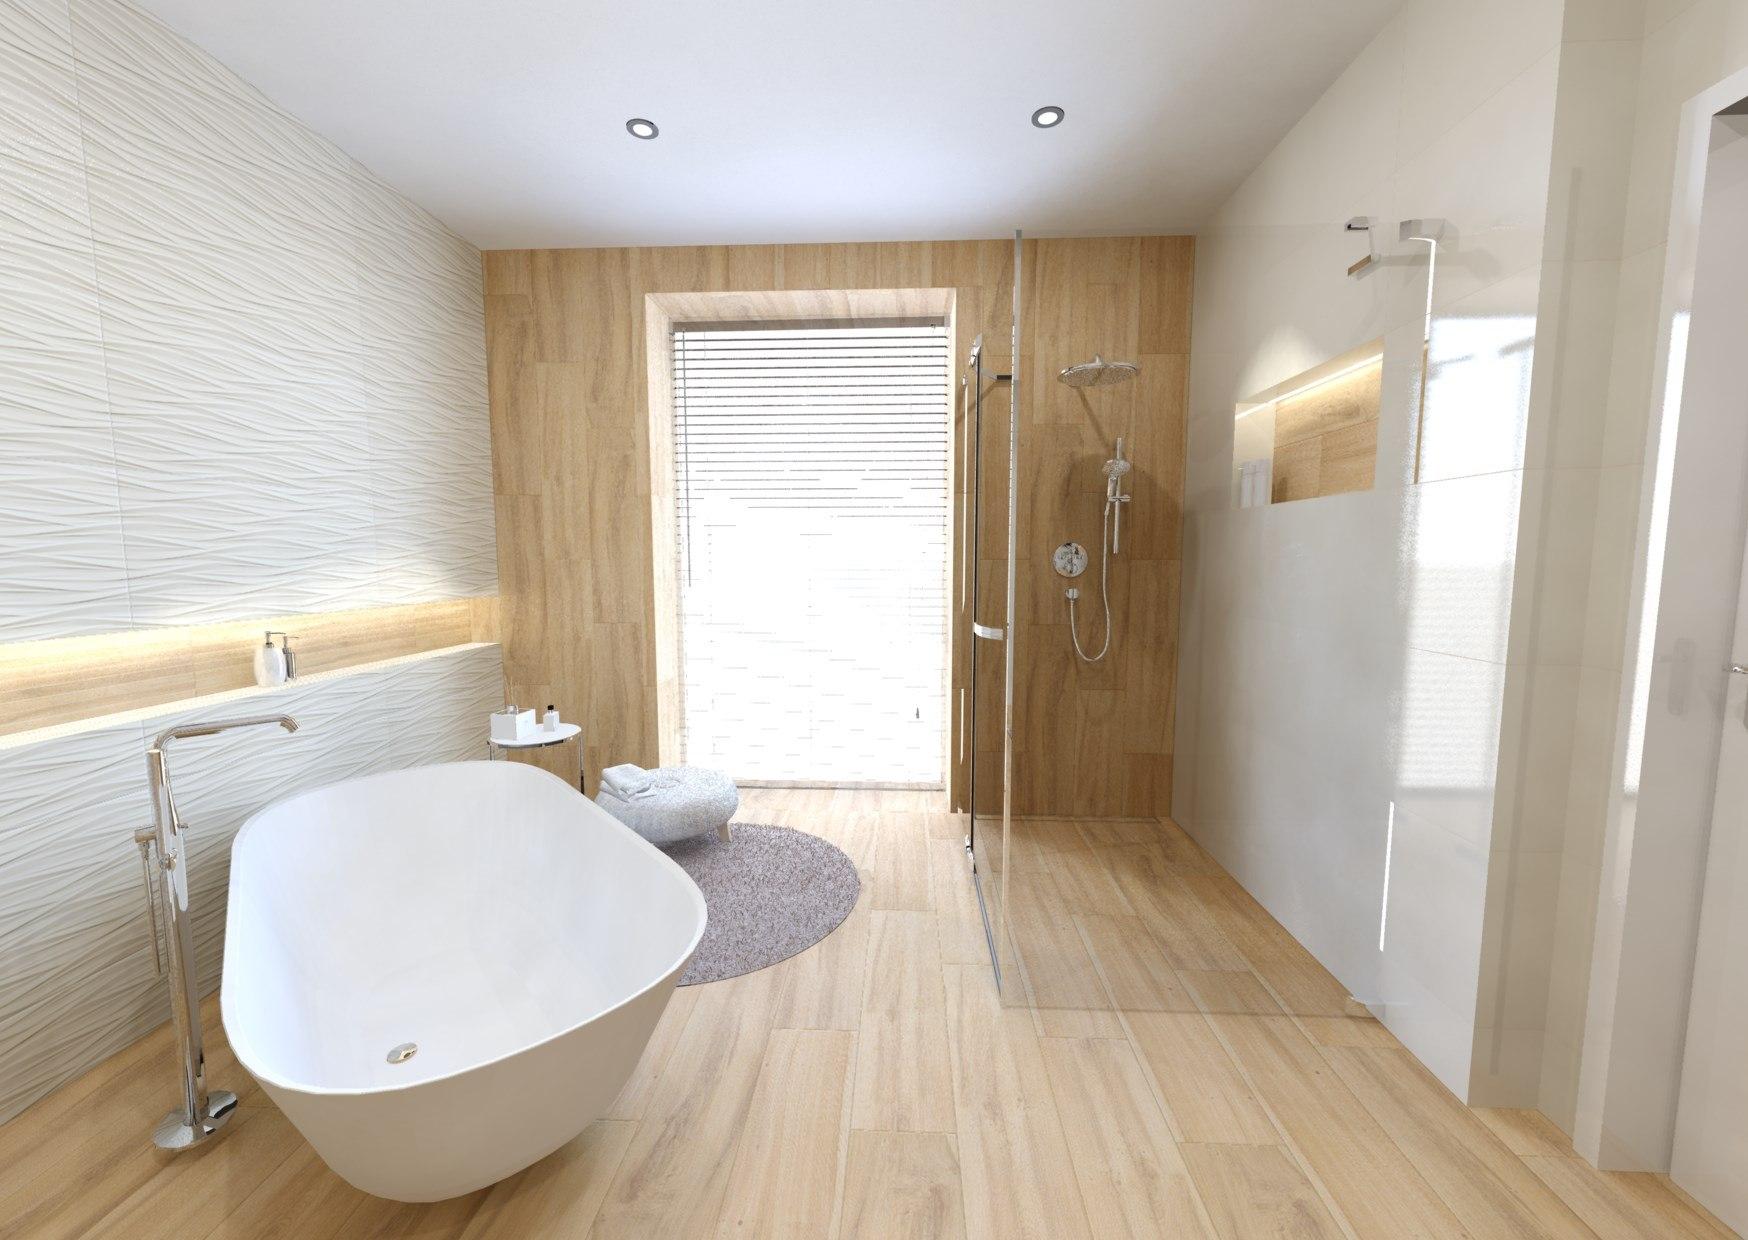 Návrh koupelny v teplých barvách dřeva 4